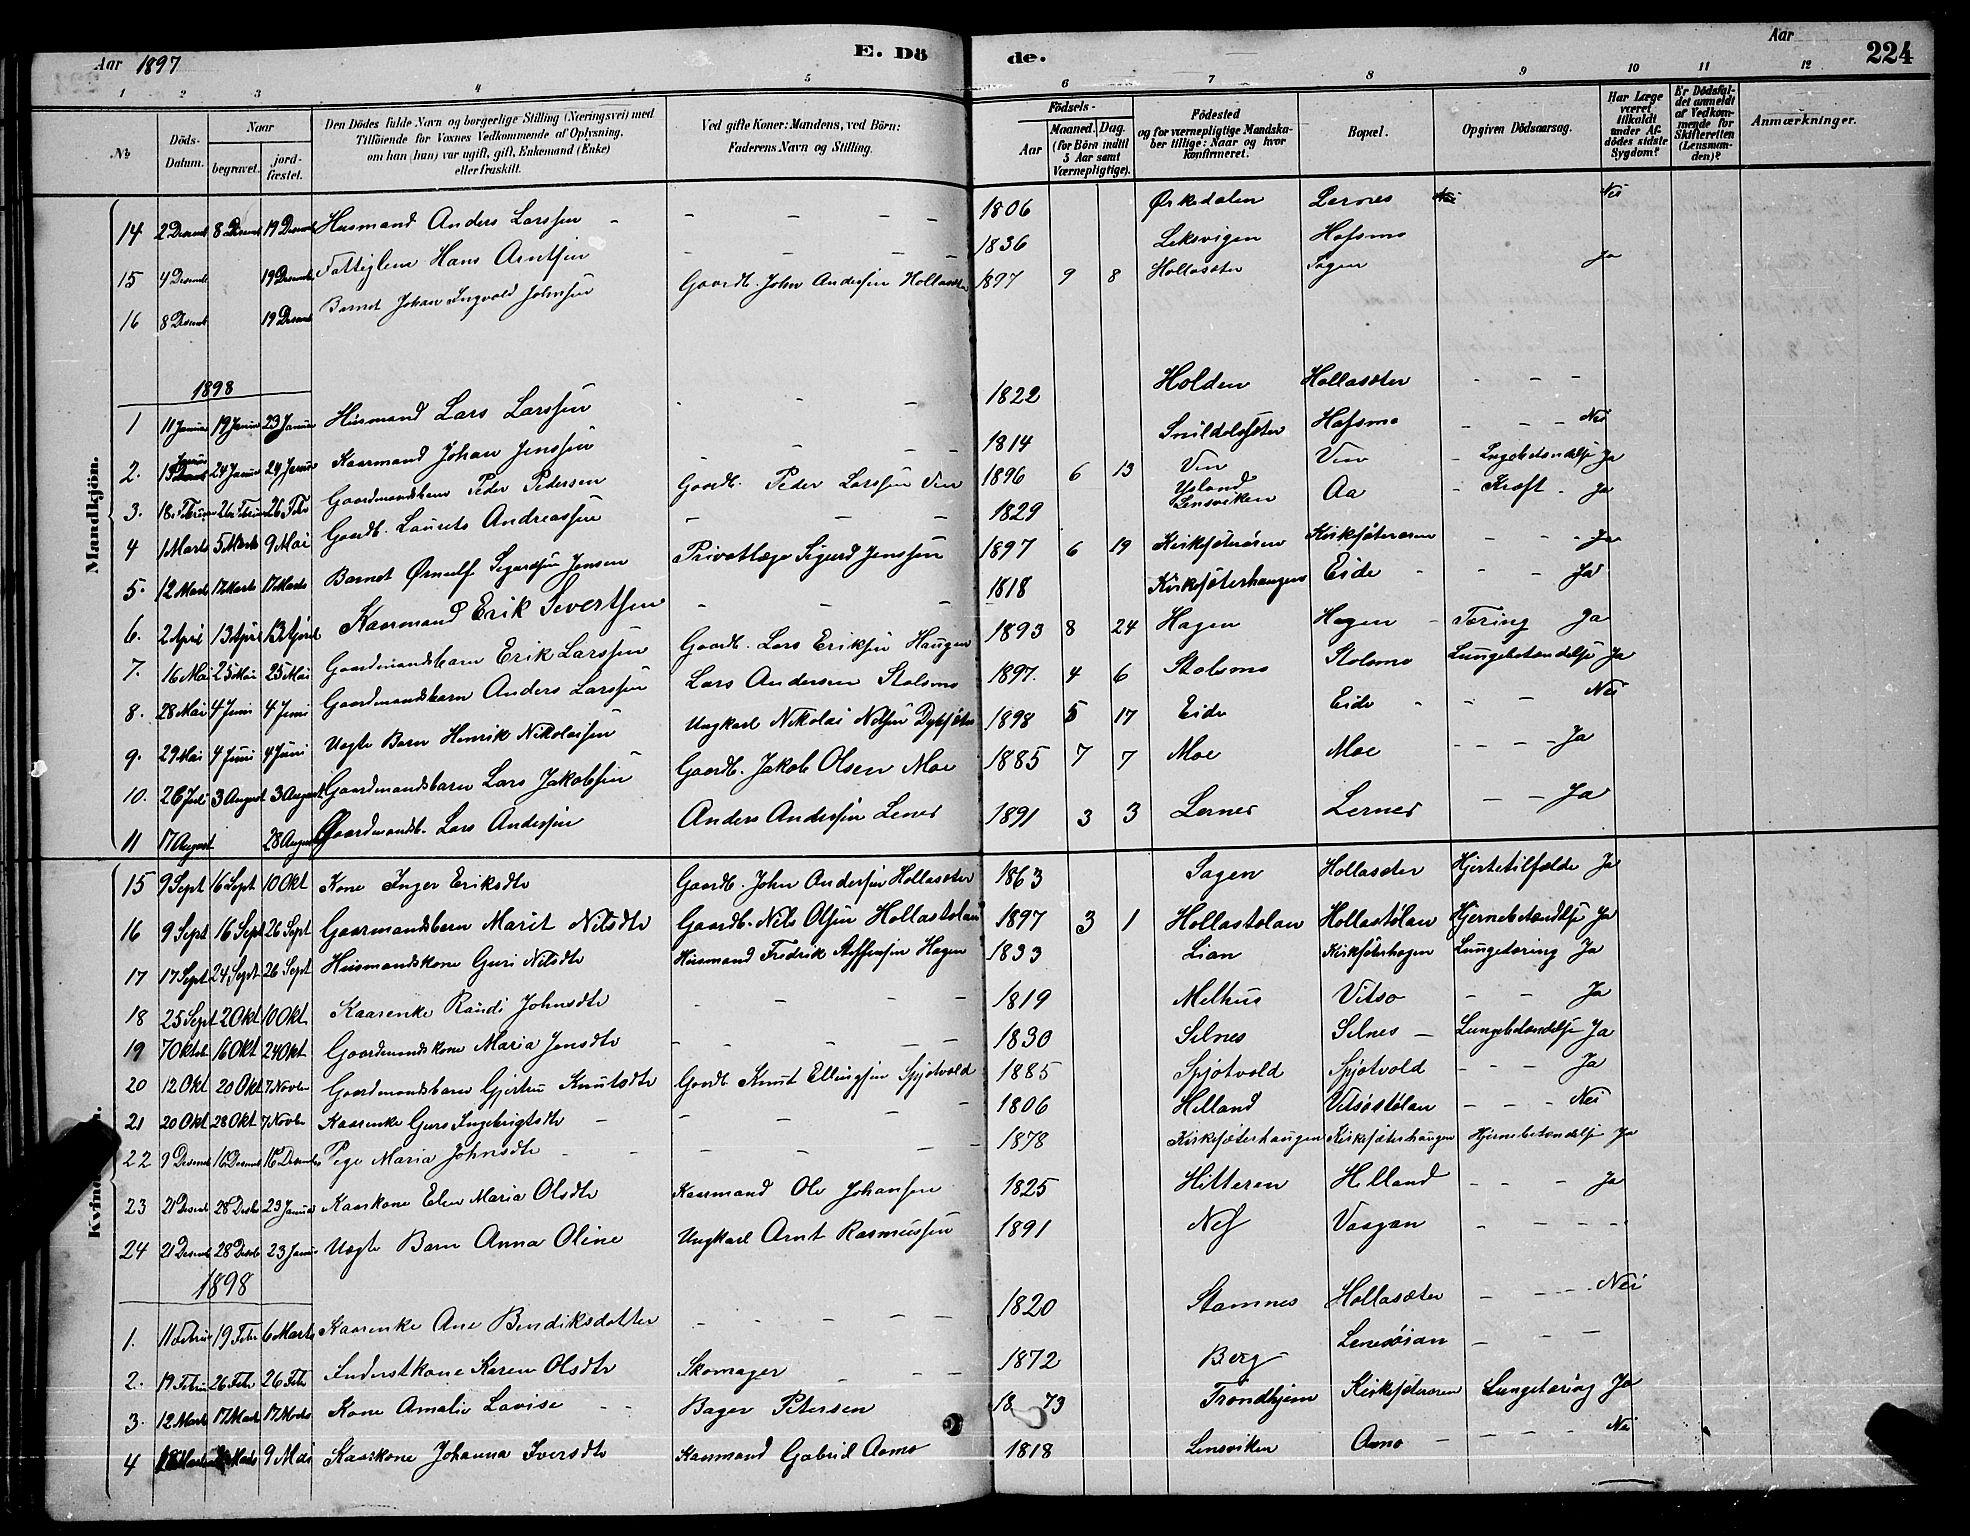 SAT, Ministerialprotokoller, klokkerbøker og fødselsregistre - Sør-Trøndelag, 630/L0504: Klokkerbok nr. 630C02, 1879-1898, s. 224